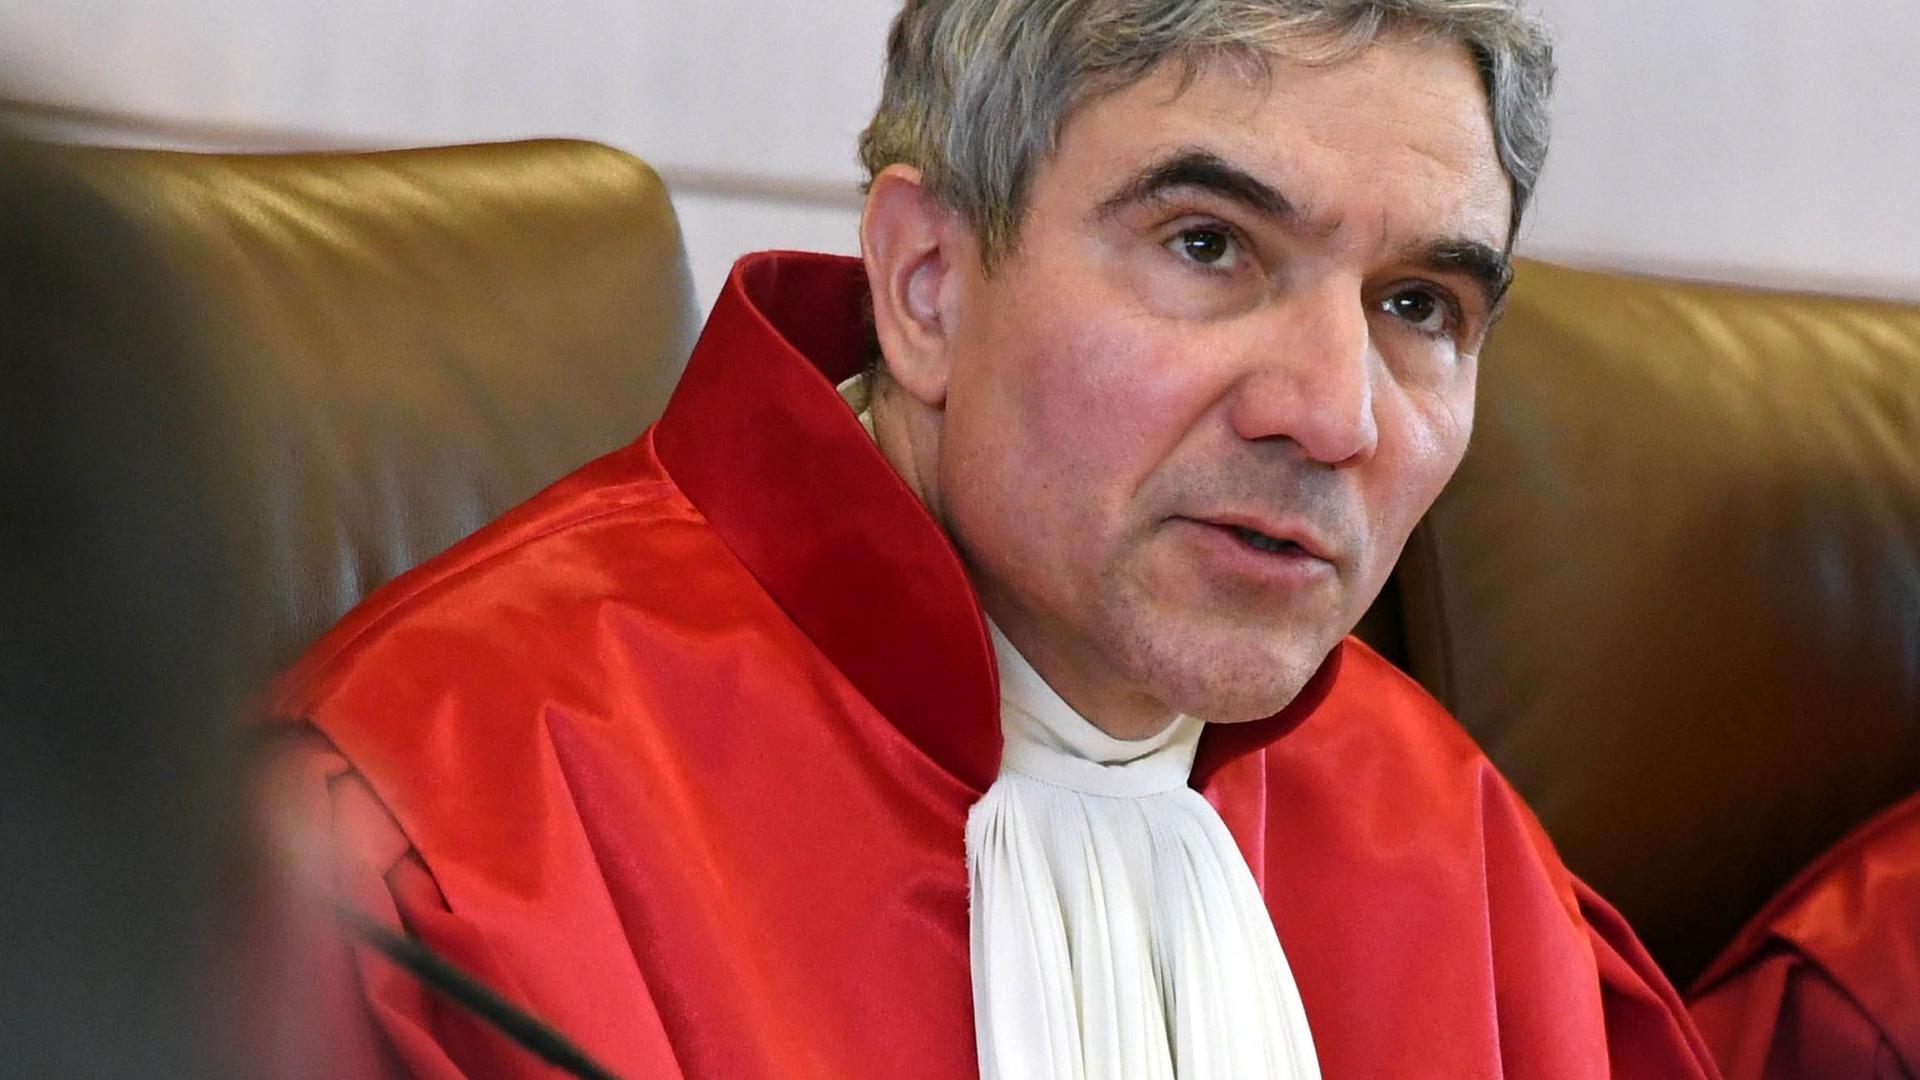 """Stephan Harbarth, Vorsitzender des Senats beim Bundesverfassungsgericht, eröffnet eine mündliche Verhandlung. (zu dpa """"Bundesrat will neuen Präsidenten des Bundesverfassungsgerichts wählen"""") +++ dpa-Bildfunk +++"""